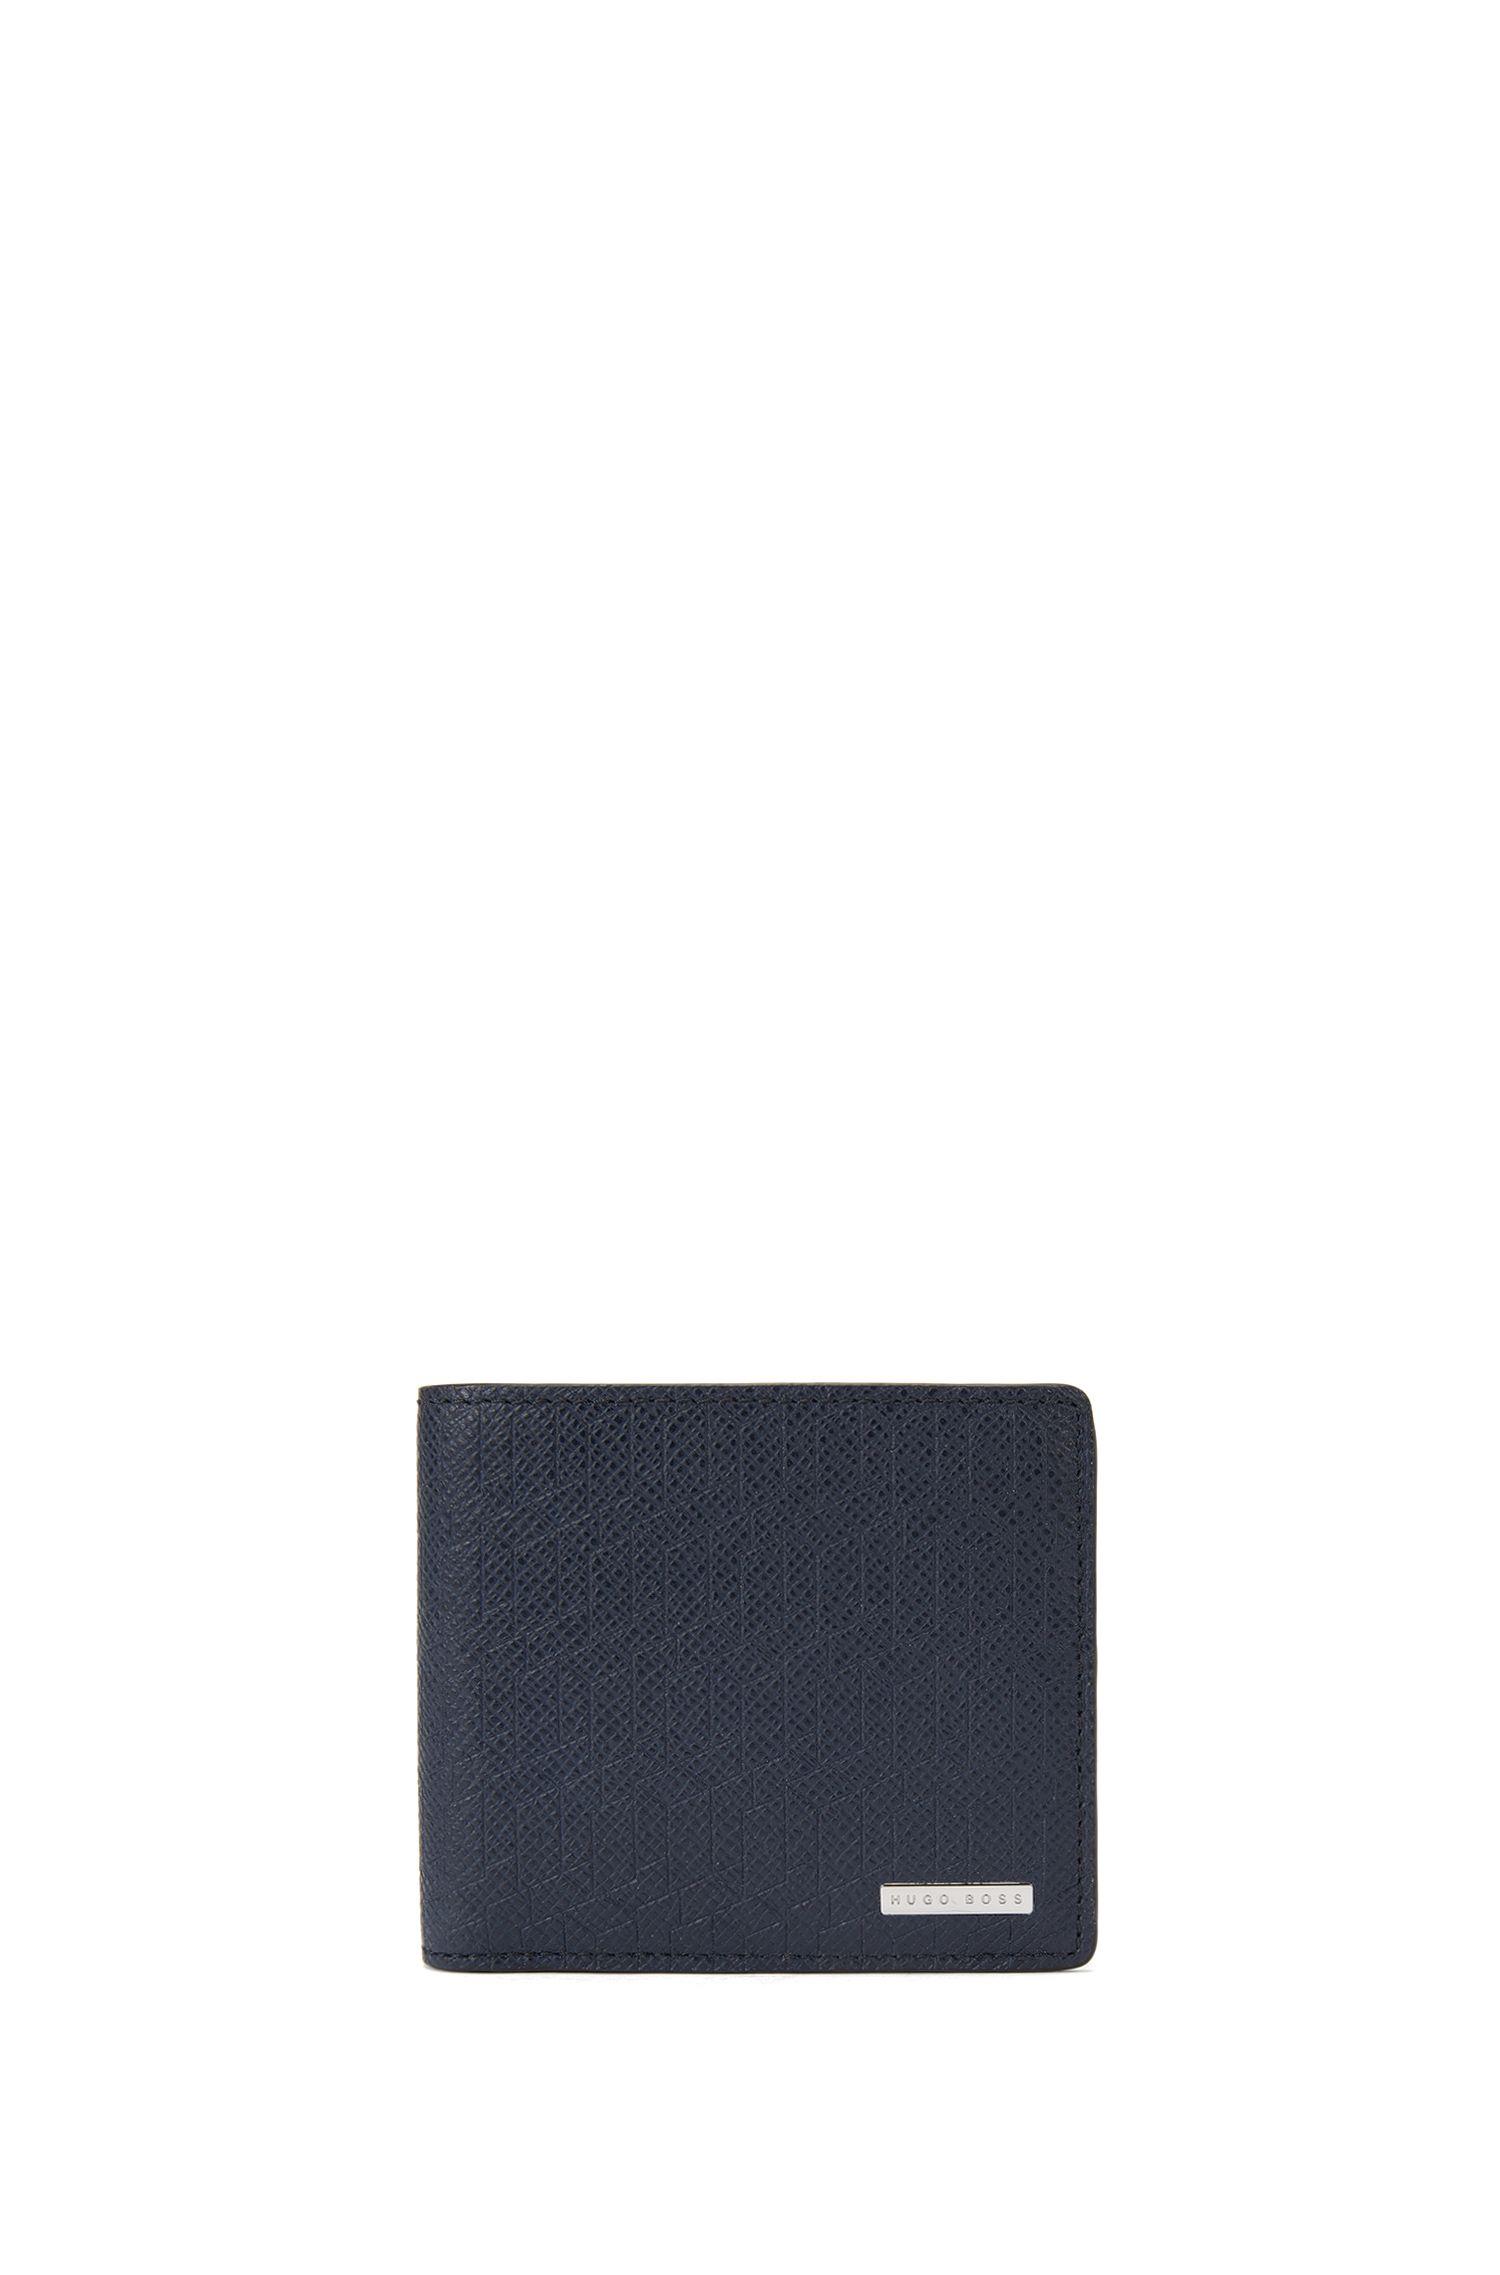 Portafoglio bi-fold della collezione Signature in pelle palmellata